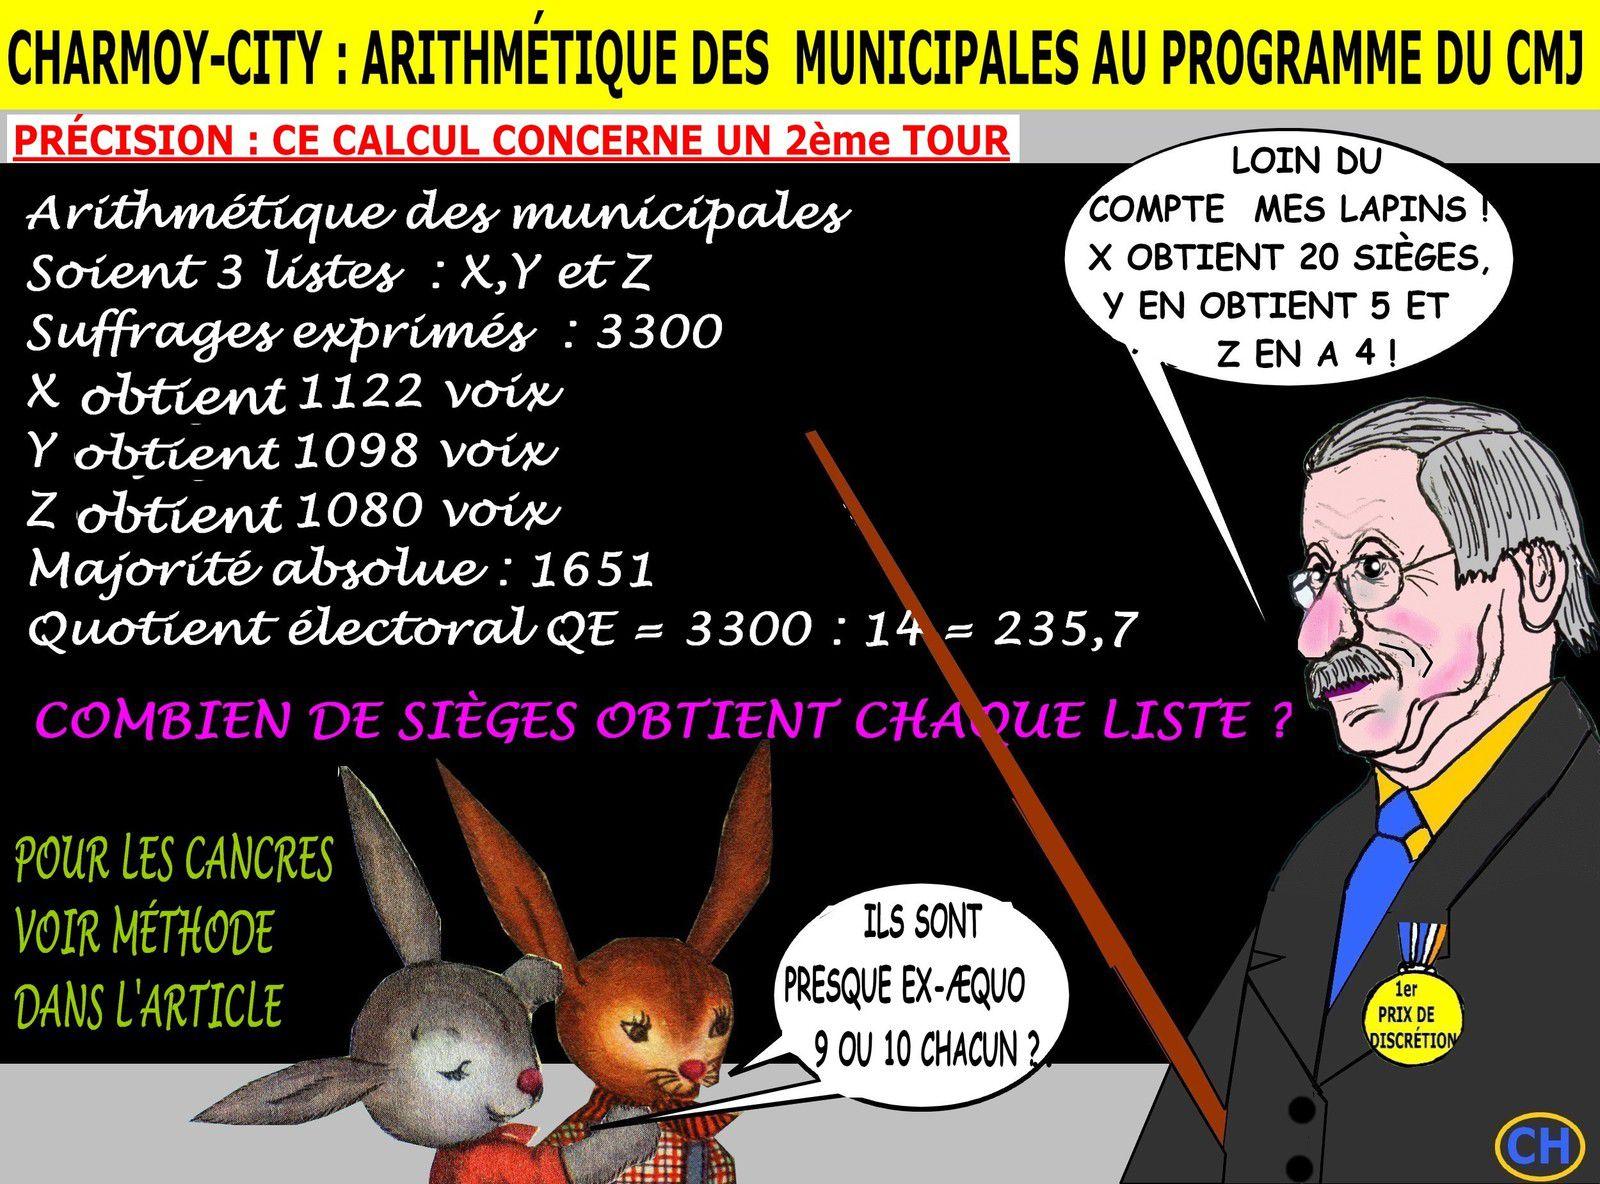 Charmoy-City, arithmétique des municipales au CMJ.jpg